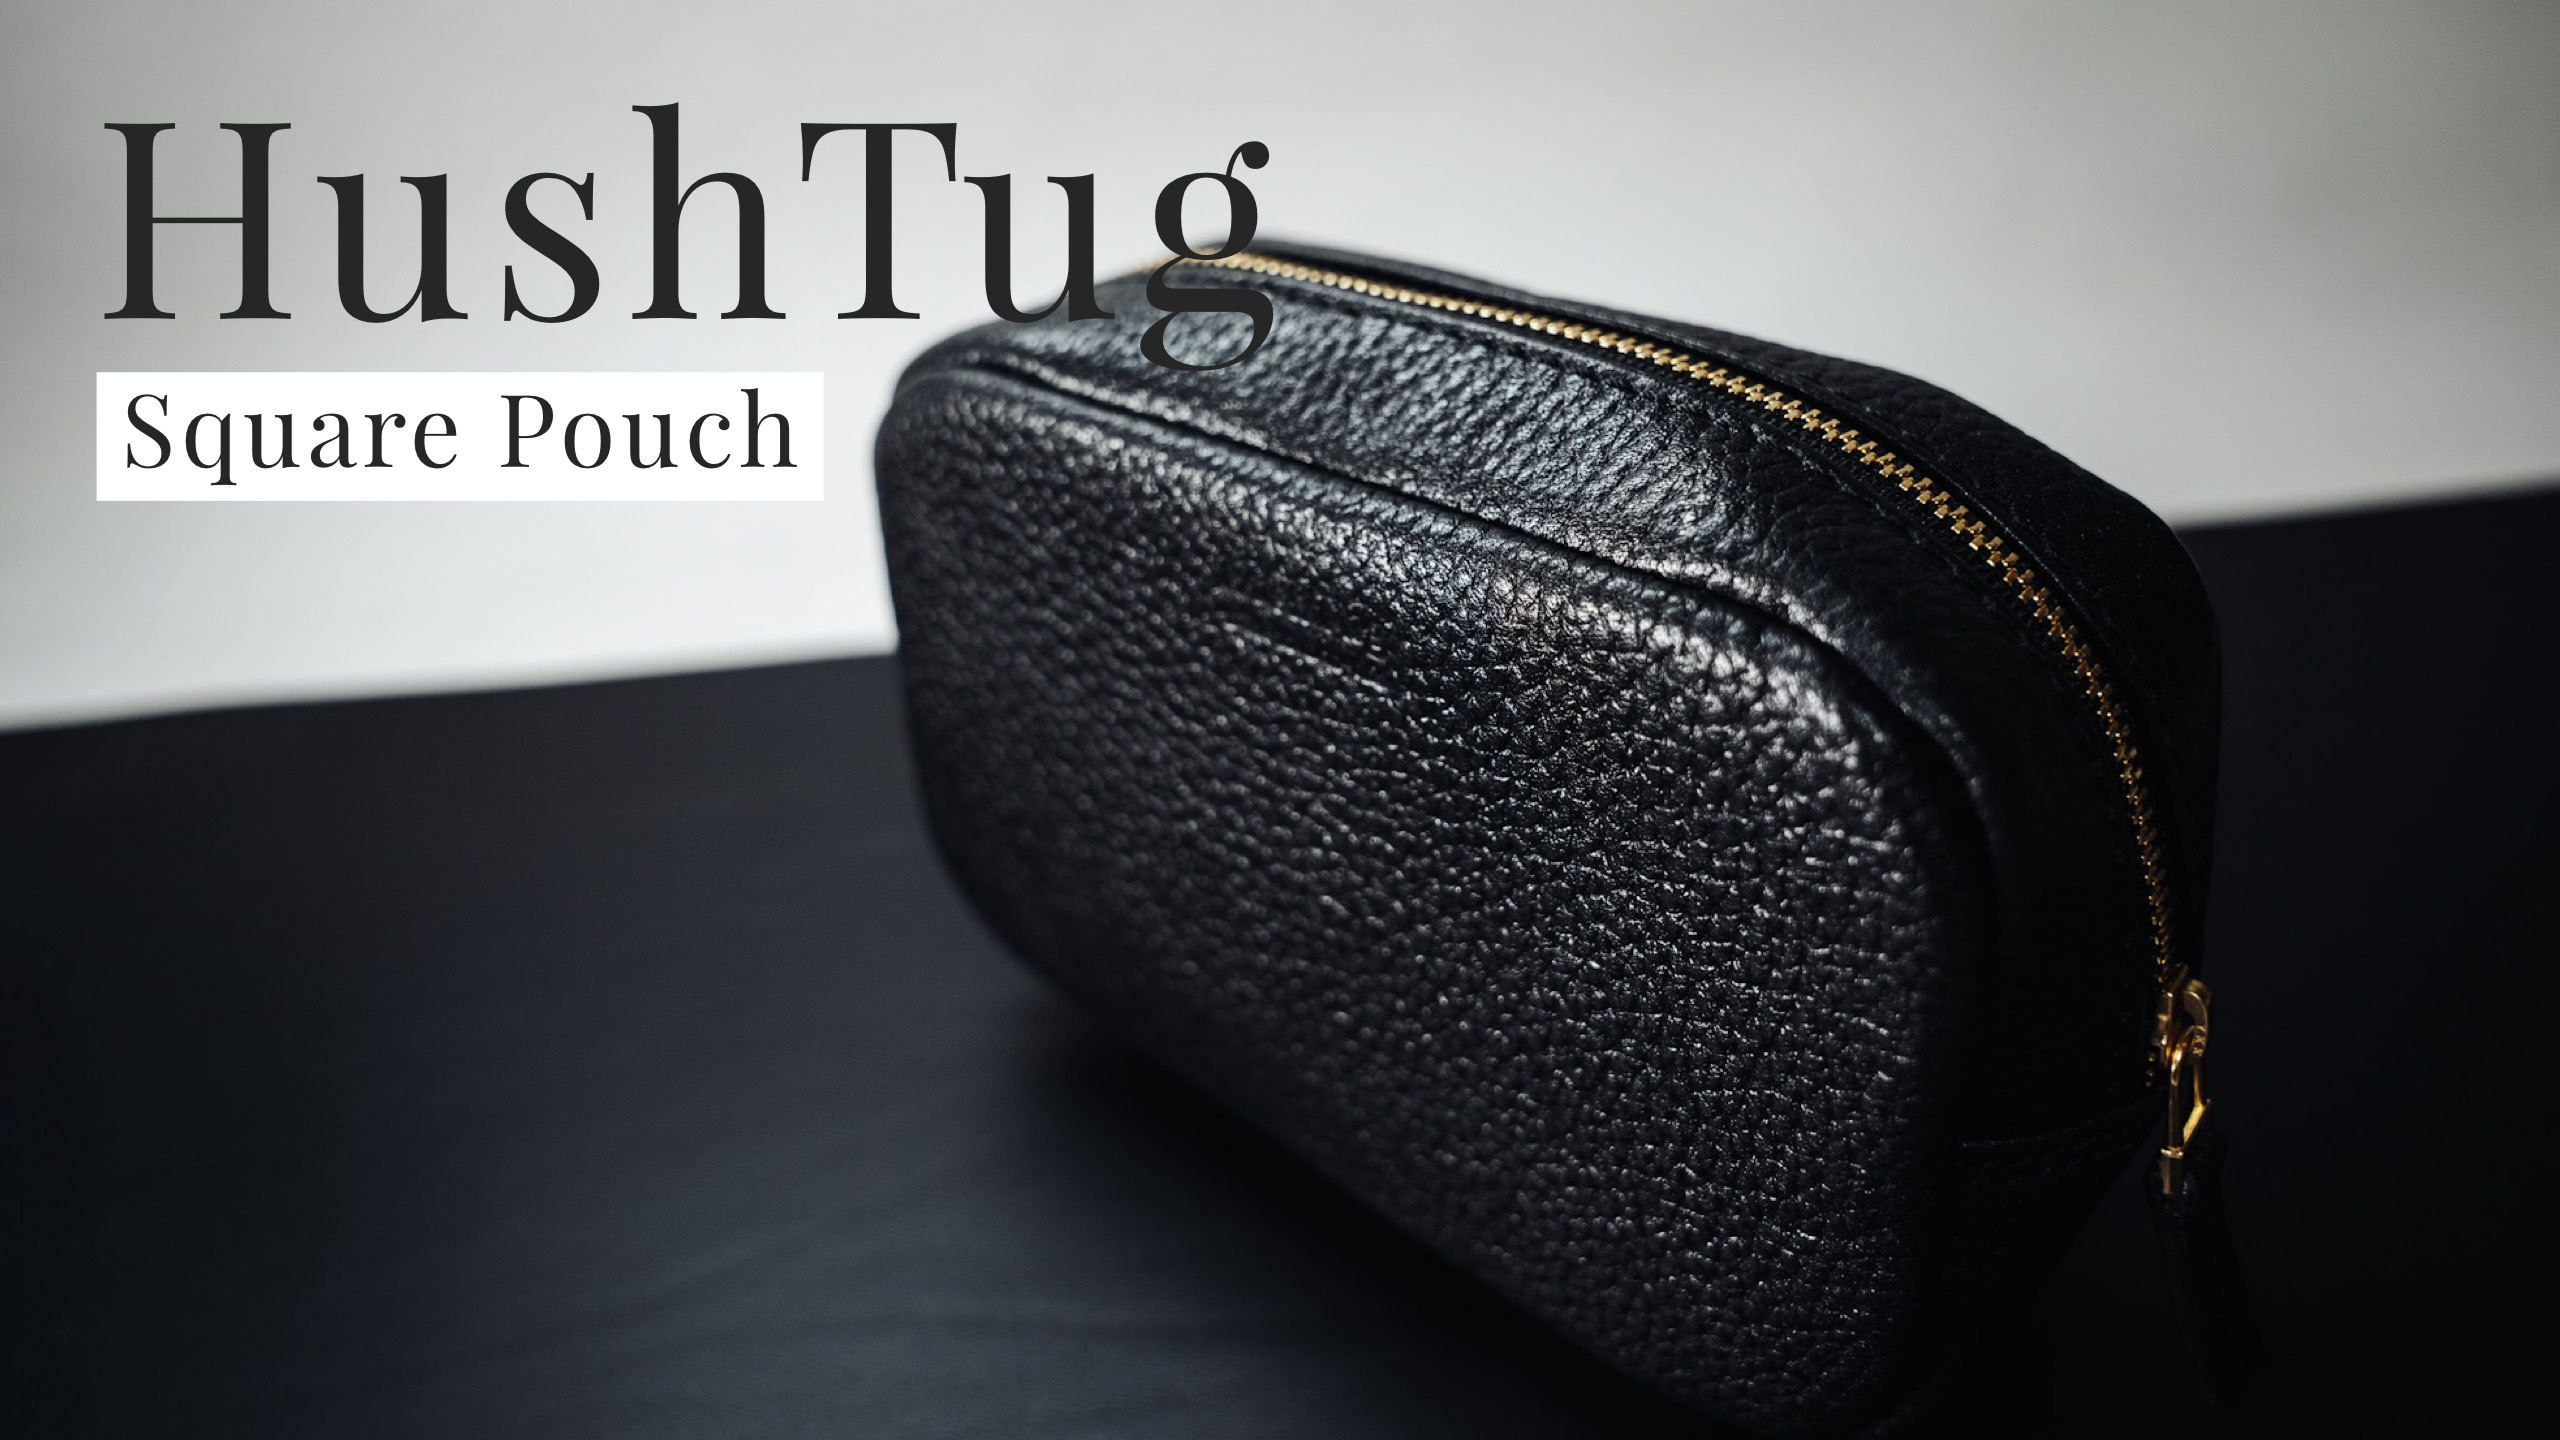 【レビュー】HushTug (ハッシュタグ)のスクエアポーチ 「コンパクトに凝縮された存在感と高級感」